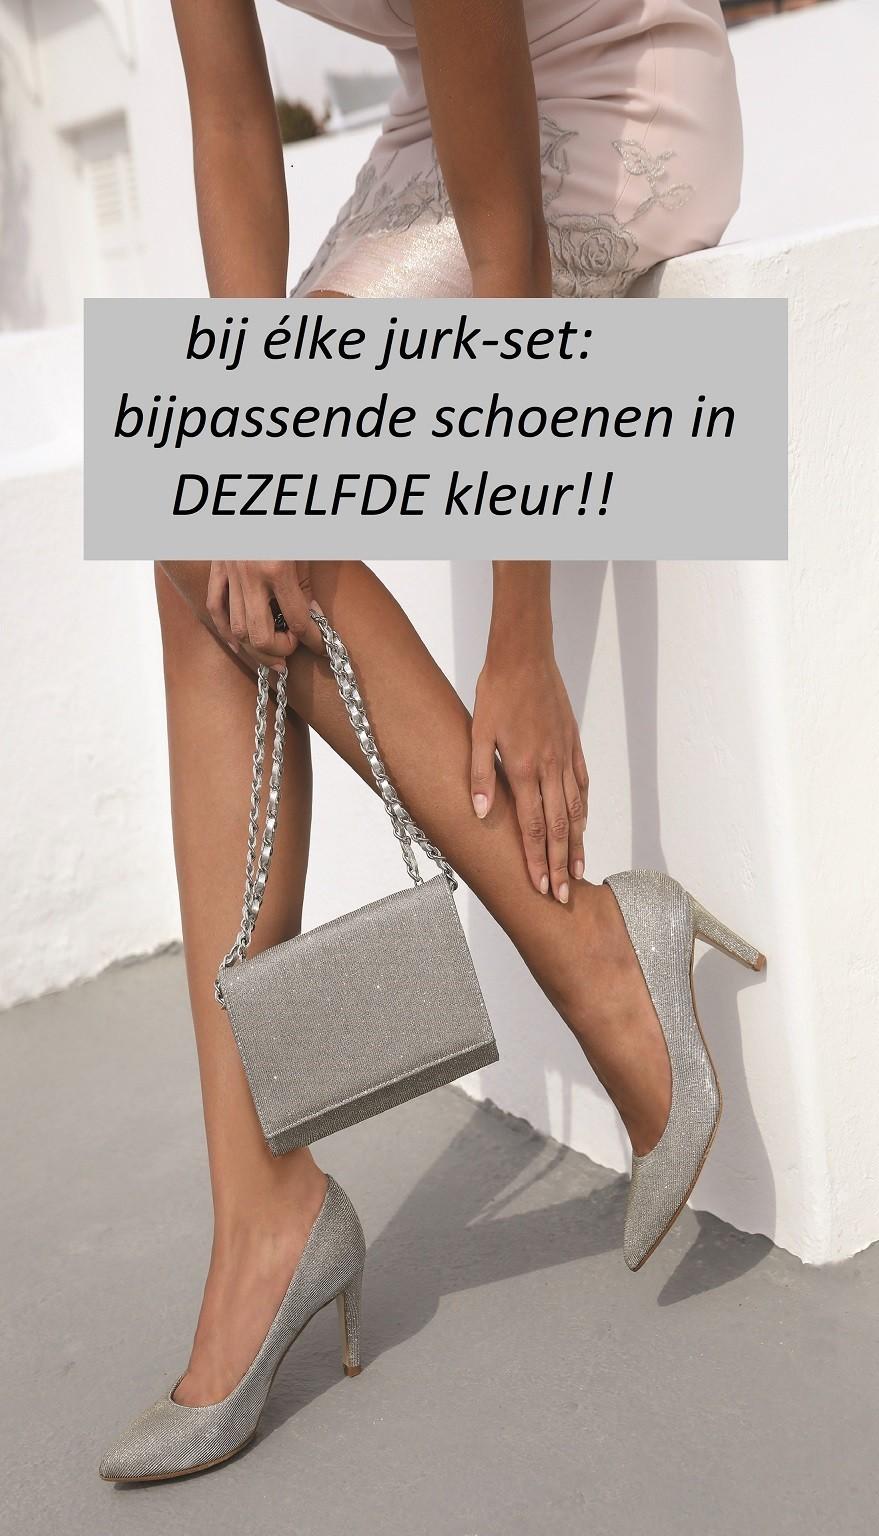 Jurk-mét-jasje sets: de grootste keus van de Benelux.